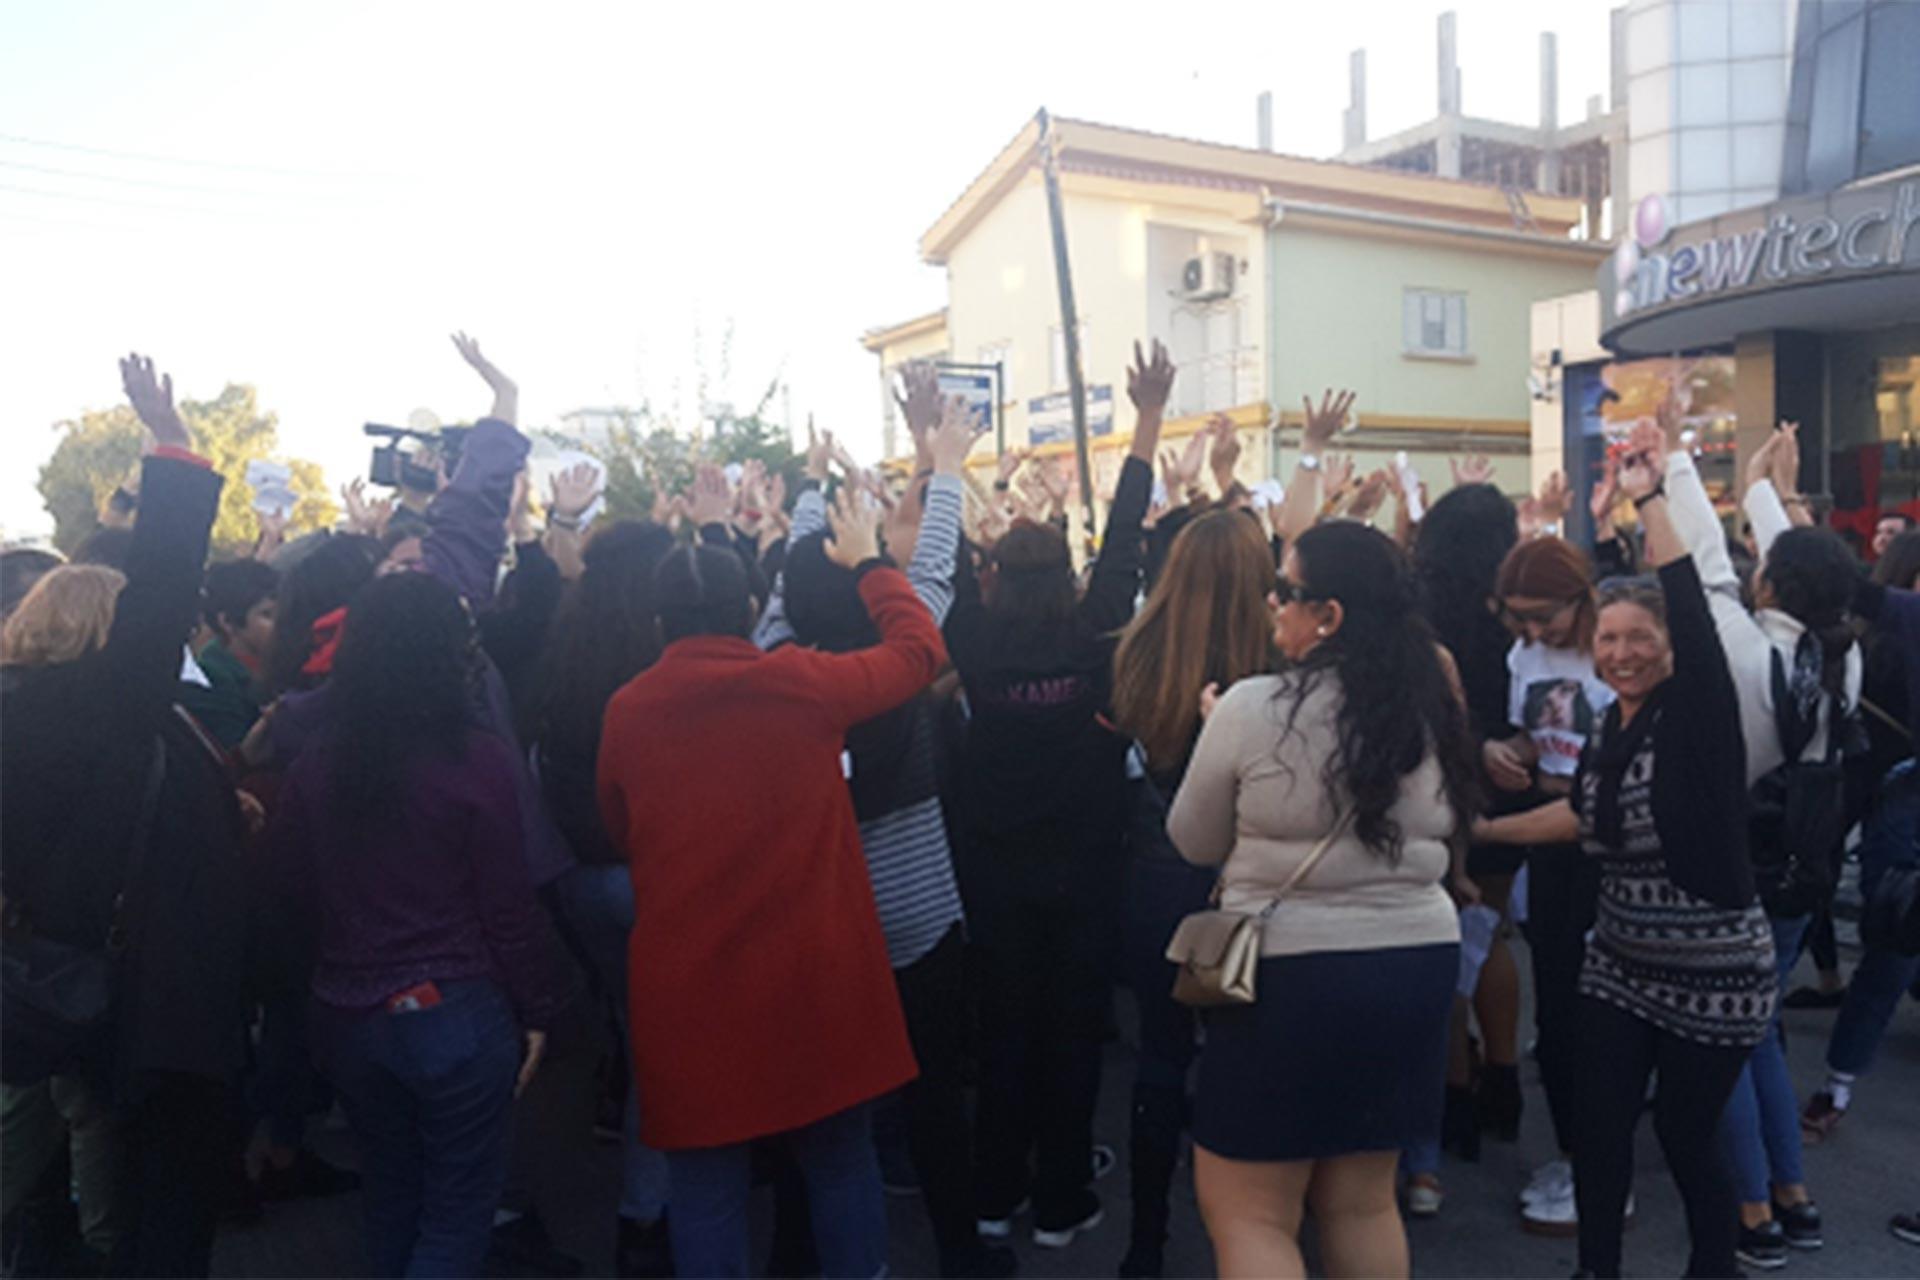 Kıbrıs'ta kadınların gerçekleştirdiği Las Tesis eyleminden bir fotoğraf